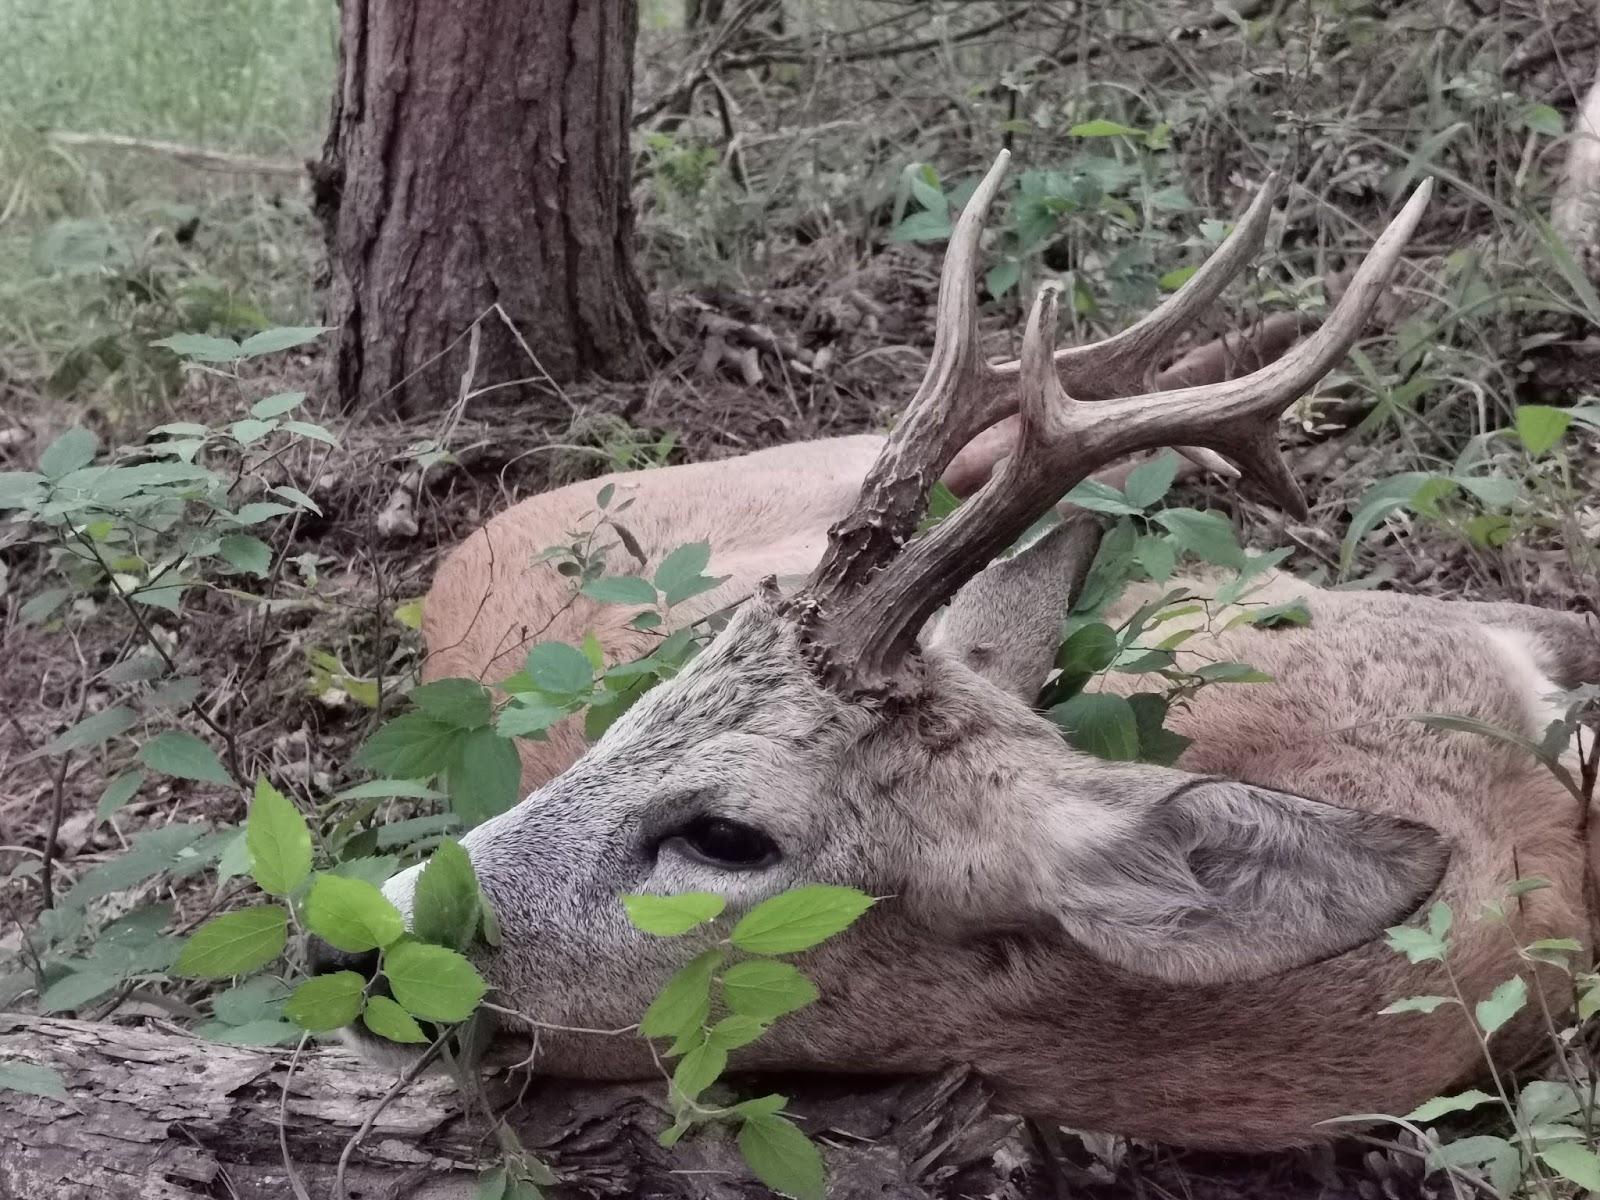 Disznó vadászat randi